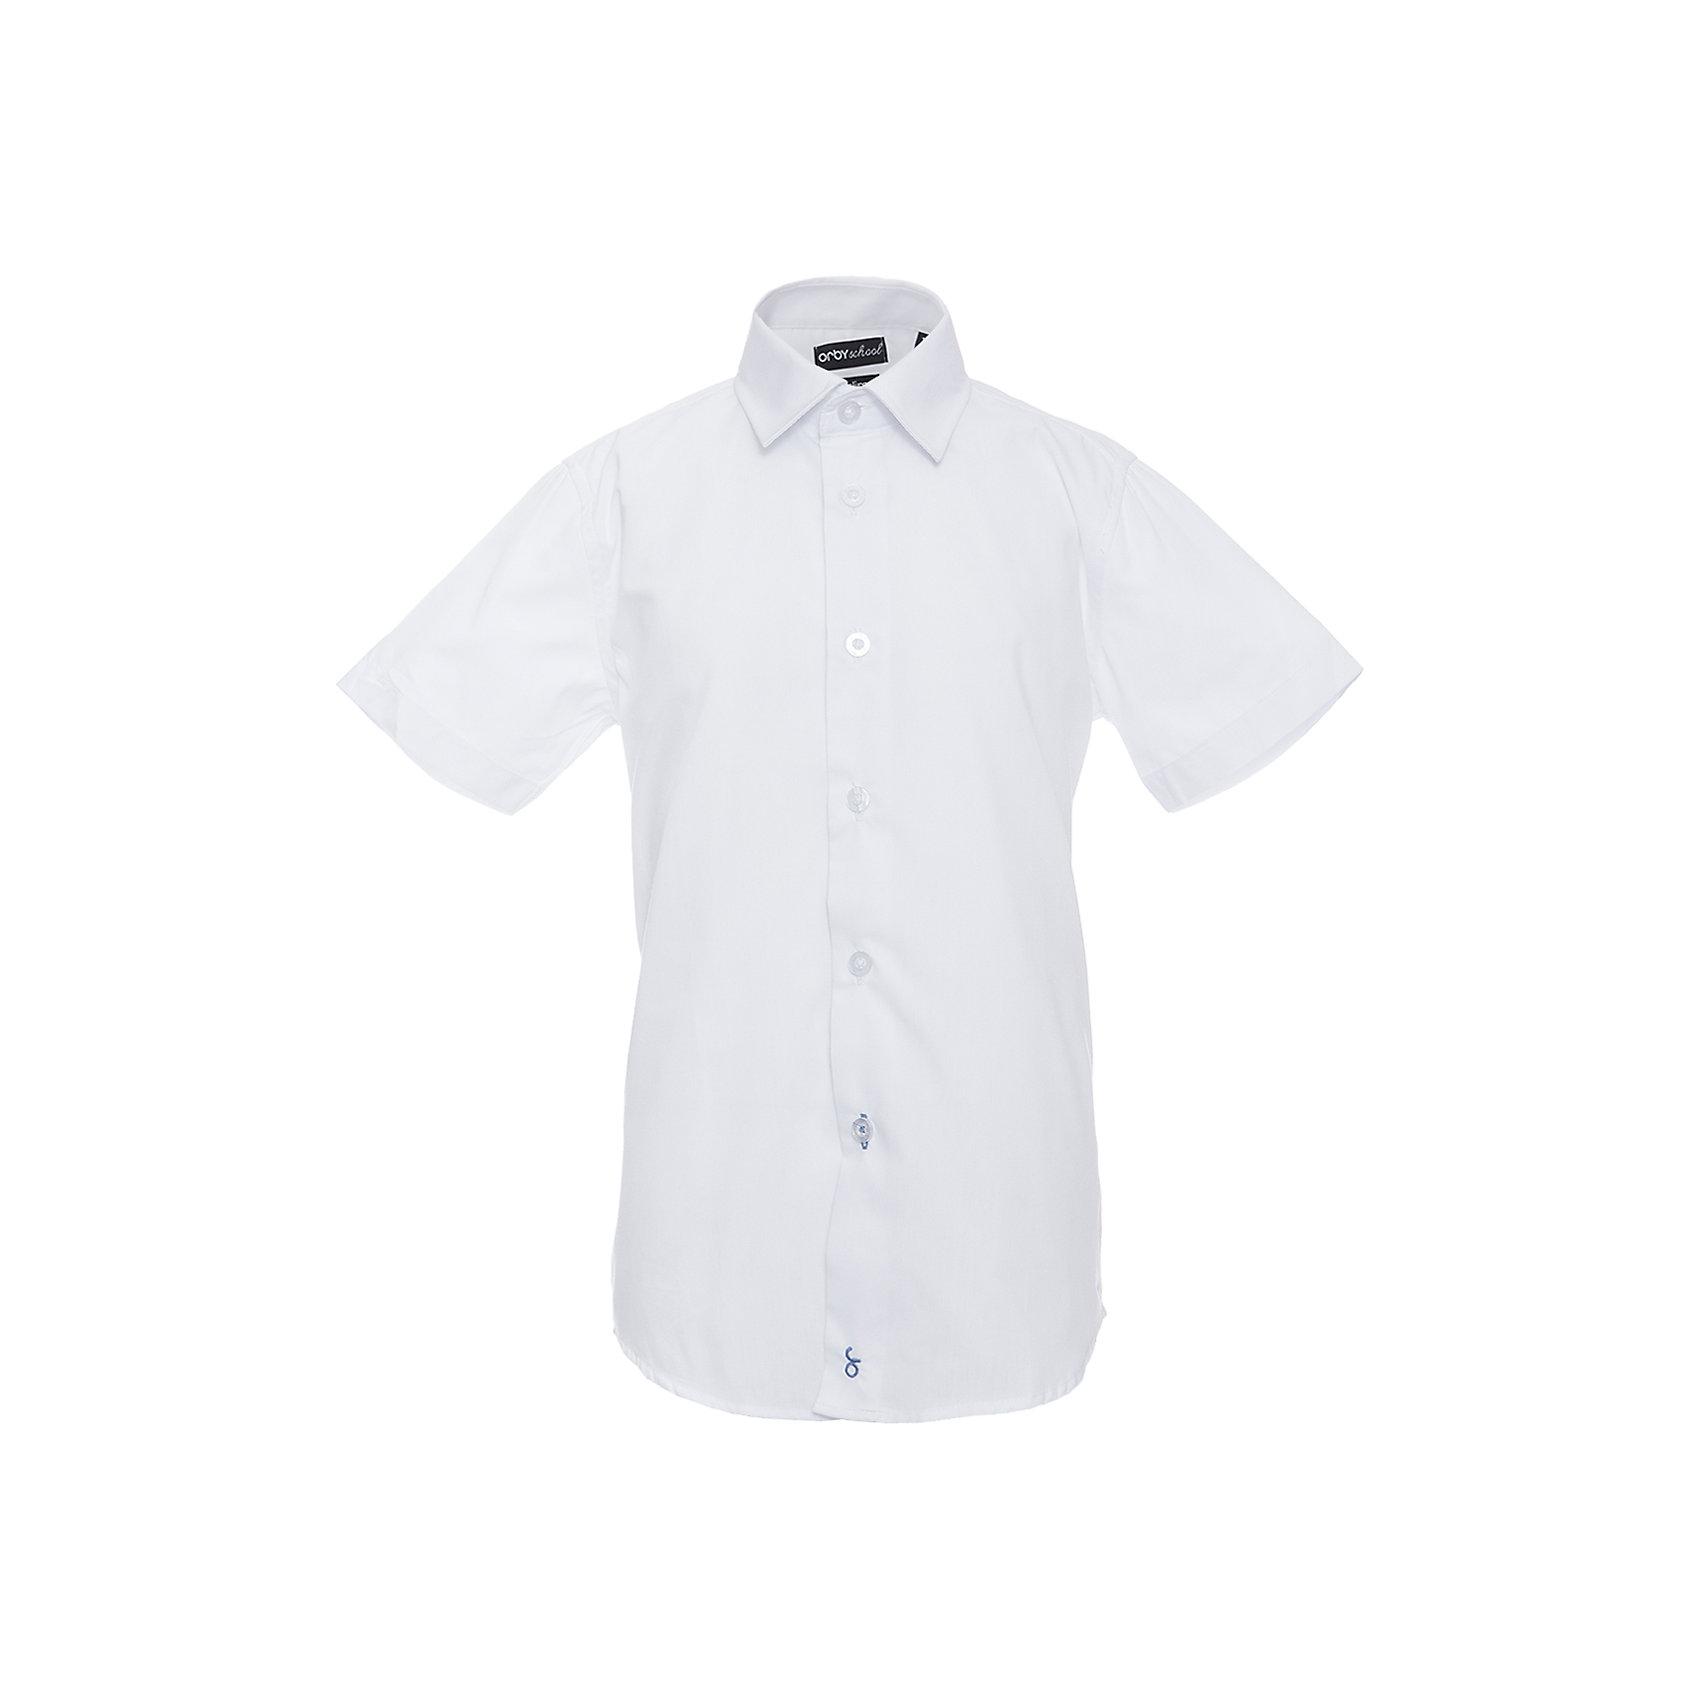 Рубашка для мальчика OrbyБлузки и рубашки<br>Характеристики товара:<br><br>• цвет: белый<br>• состав ткани: 65 % ПЭ, 35 % хлопок<br>• особенности: школьная, праздничная<br>• короткие рукава<br>• застежка: пуговицы<br>• отложной воротник<br>• сезон: круглый год<br>• страна бренда: Россия<br>• страна изготовитель: Россия<br><br>Белая рубашка с коротким рукавом для мальчика Orby хорошо дополнит школьную форму. <br><br>Модель сшита из материала с добавлением натурального хлопка. Школьная рубашка поможет ребенку выглядеть стильно и чувствовать себя комфортно. <br><br>Рубашку для мальчика Orby (Орби) можно купить в нашем интернет-магазине.<br><br>Ширина мм: 174<br>Глубина мм: 10<br>Высота мм: 169<br>Вес г: 157<br>Цвет: белый<br>Возраст от месяцев: 168<br>Возраст до месяцев: 180<br>Пол: Мужской<br>Возраст: Детский<br>Размер: 170,122,128,134,140,146,152,158,164<br>SKU: 6960393